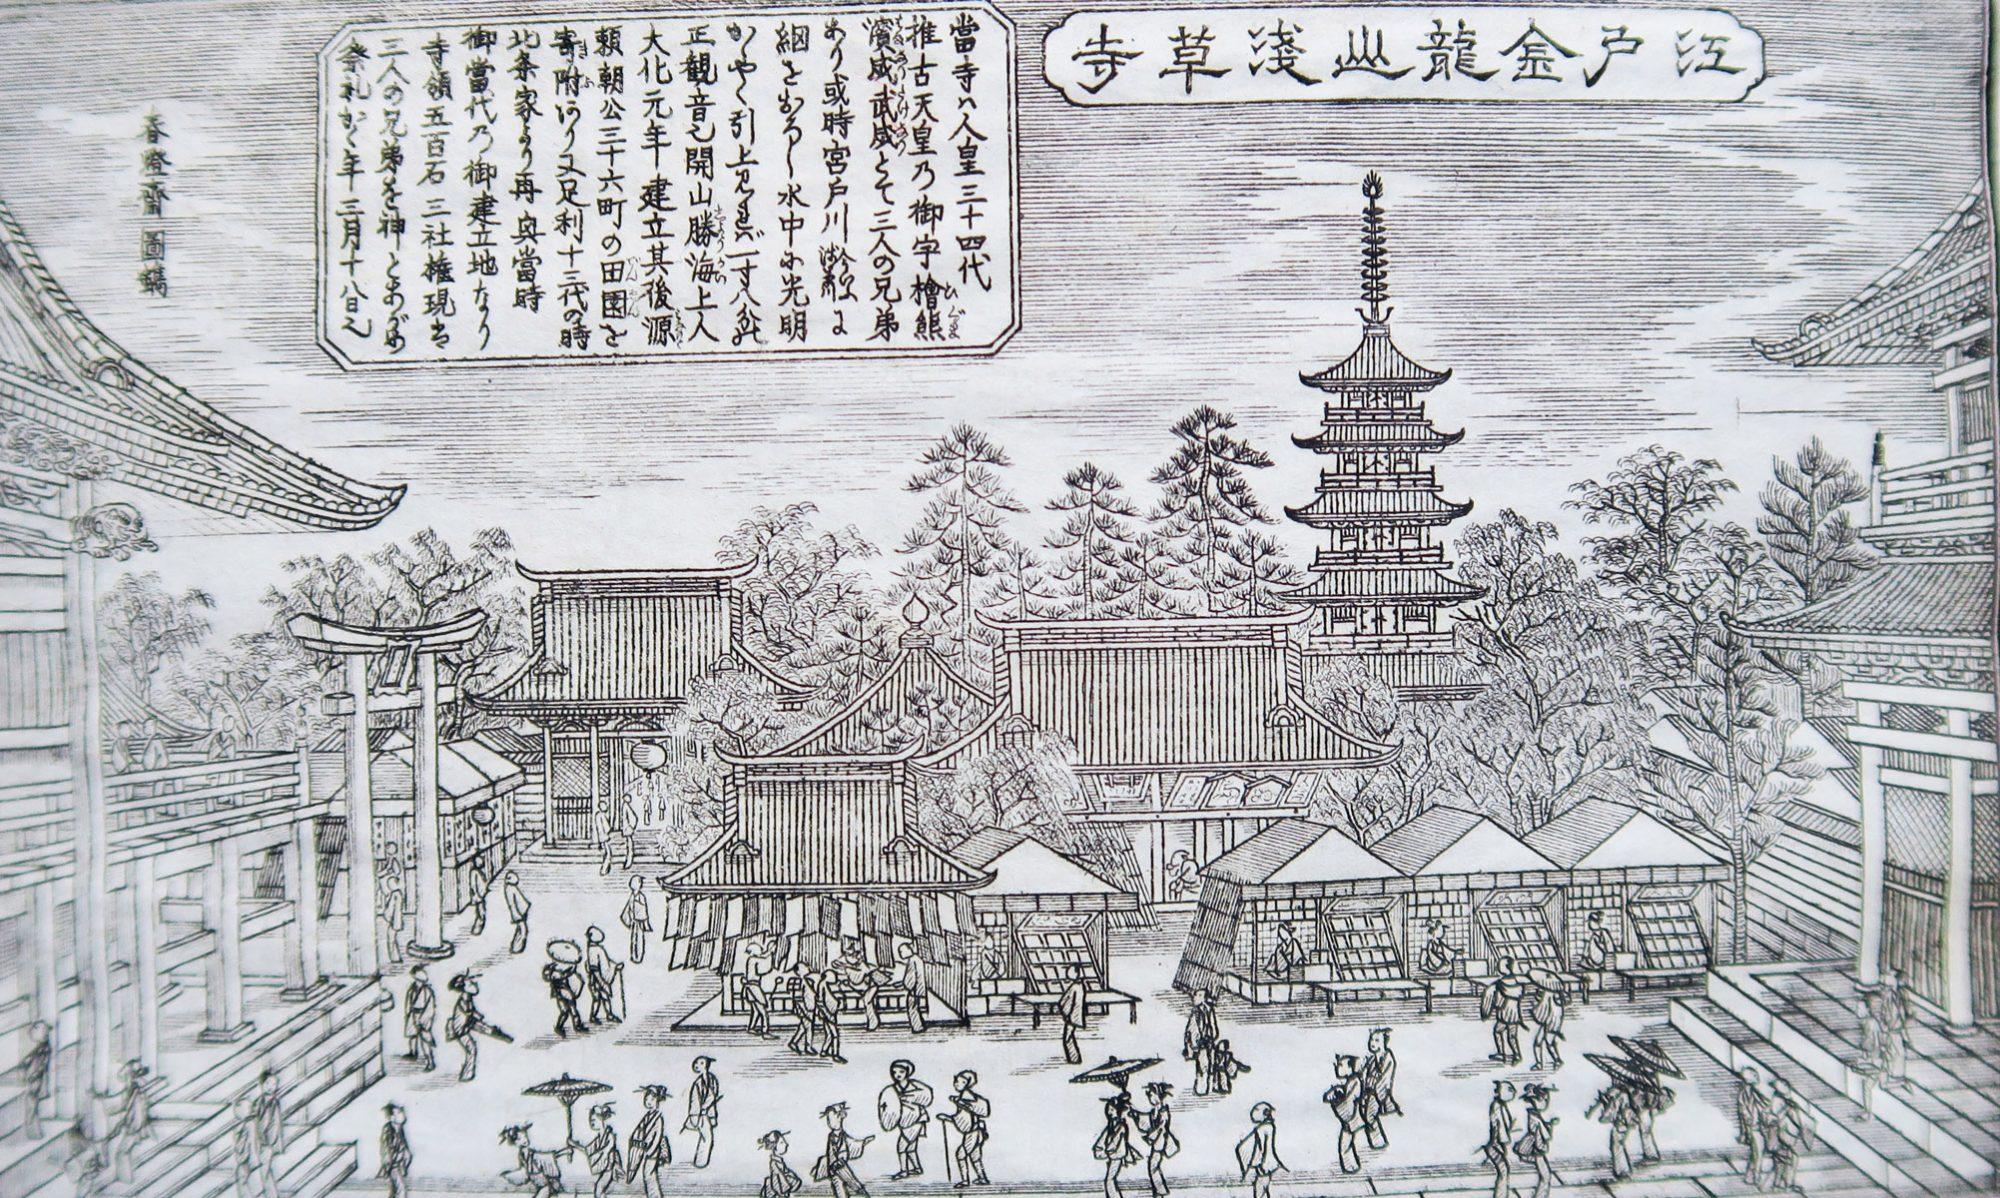 [銅板細画帖]/ [岡田春燈斎 画 (Dôban saigajô) Ill. : (Okada Shuntôsai)].